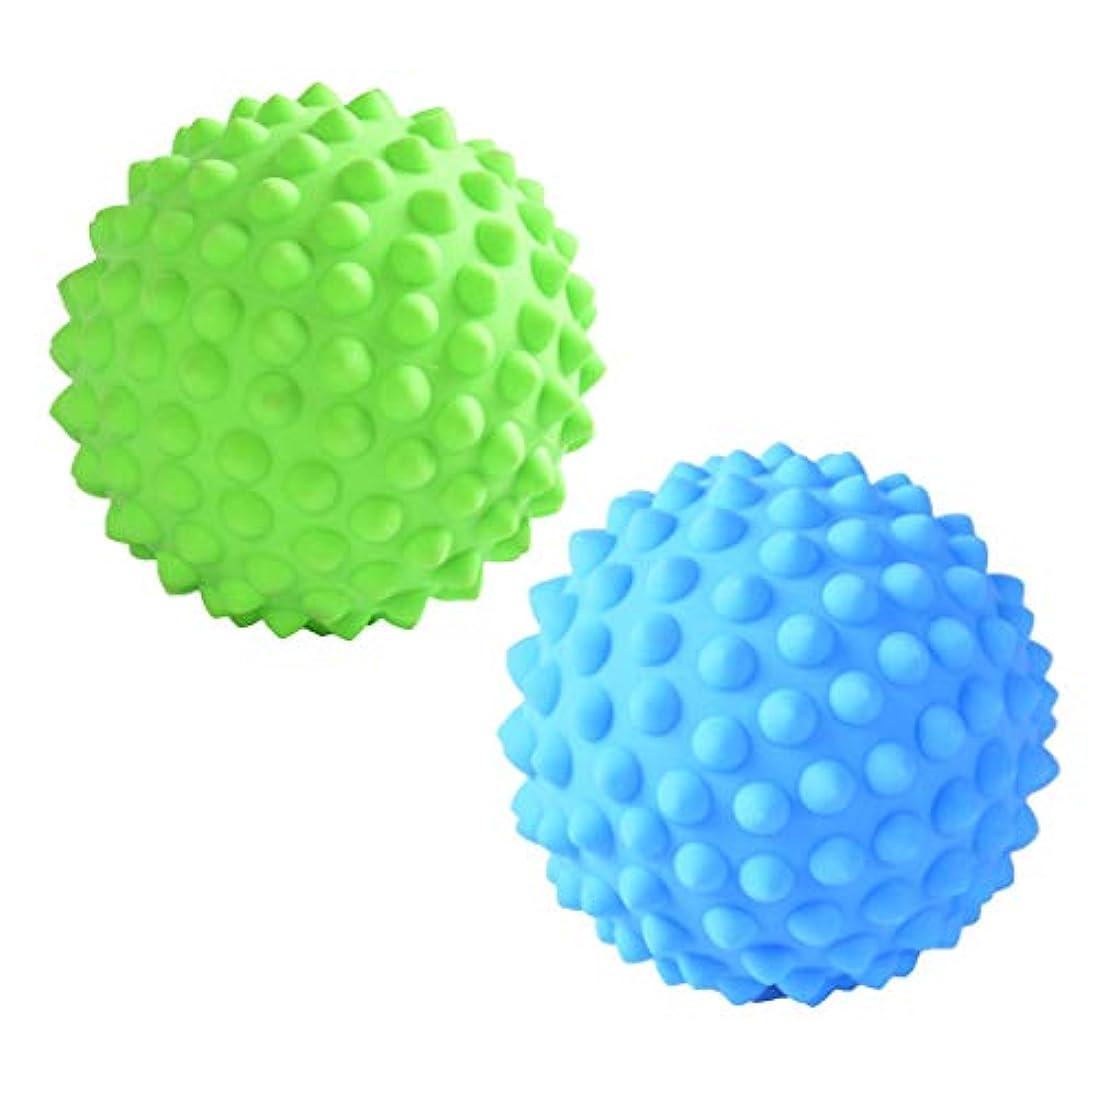 膨張するスモッグシルエットHellery マッサージローラーボール マッサージローラー 指圧ボール 筋膜リリース トリガーポイント 2個入